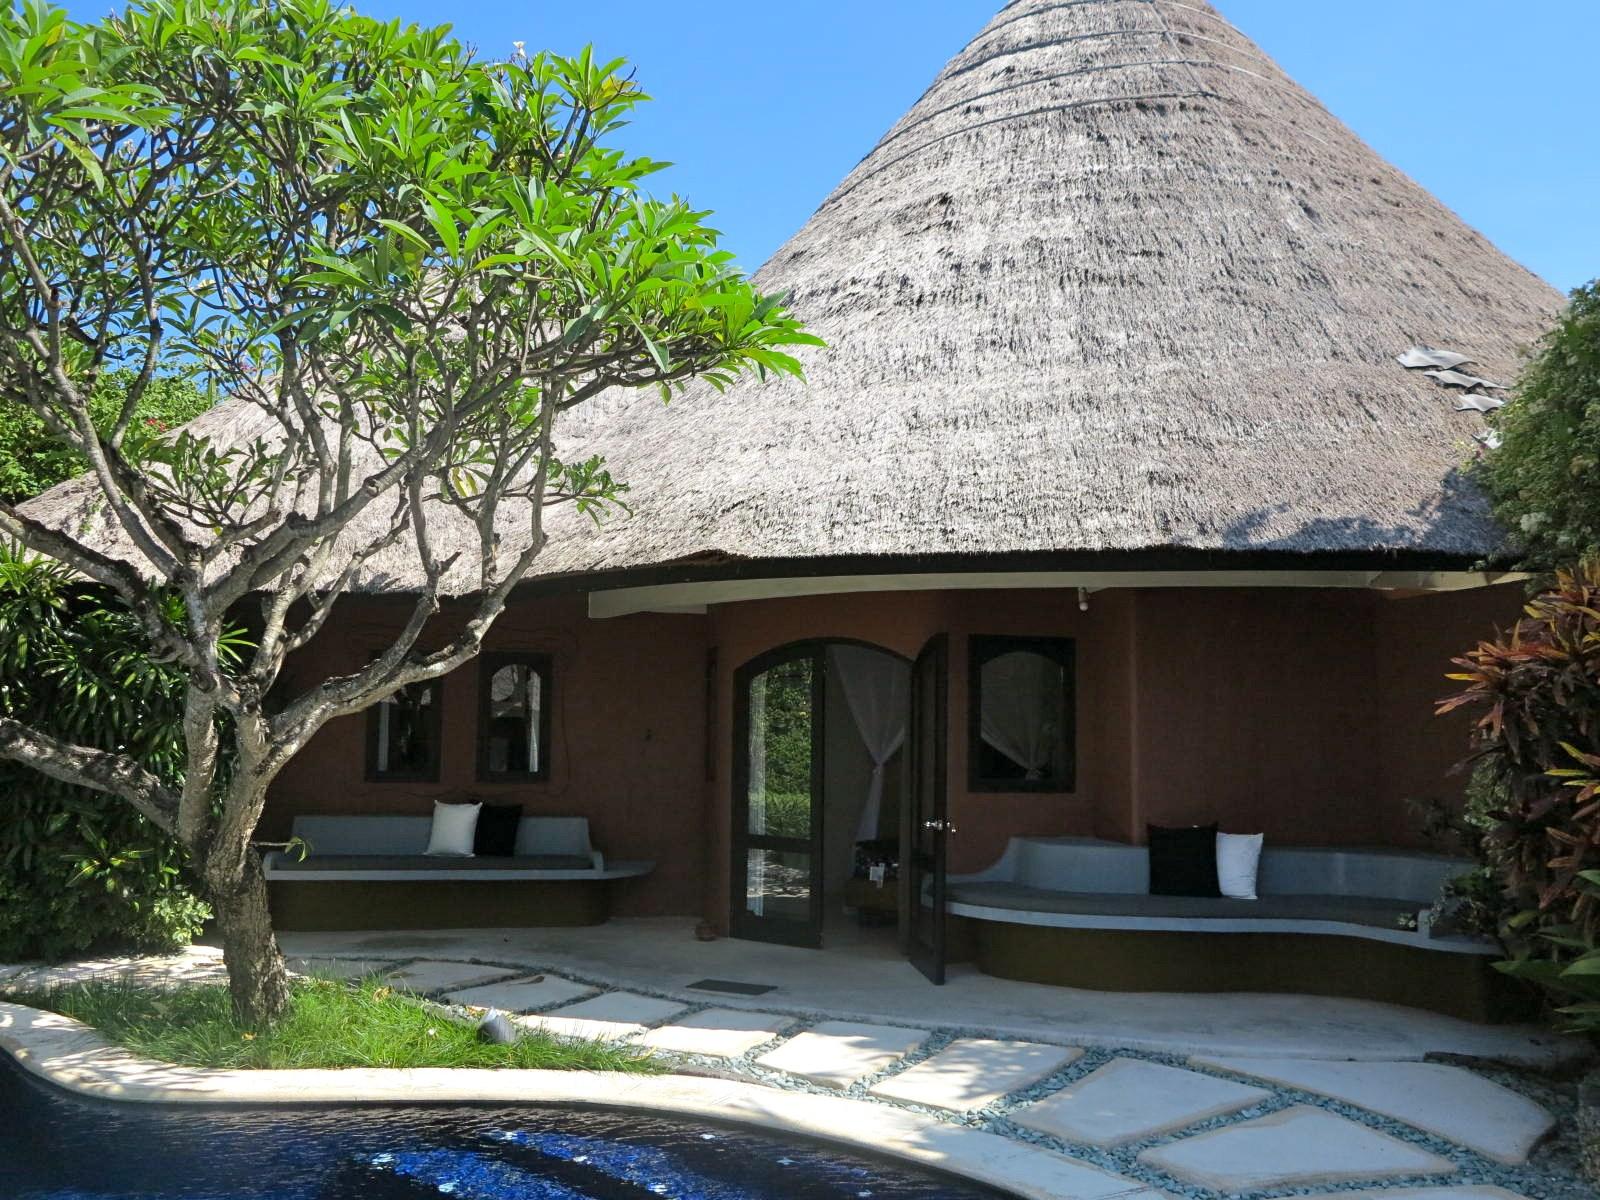 INDONESIA - The Villas Seminyak on Bali